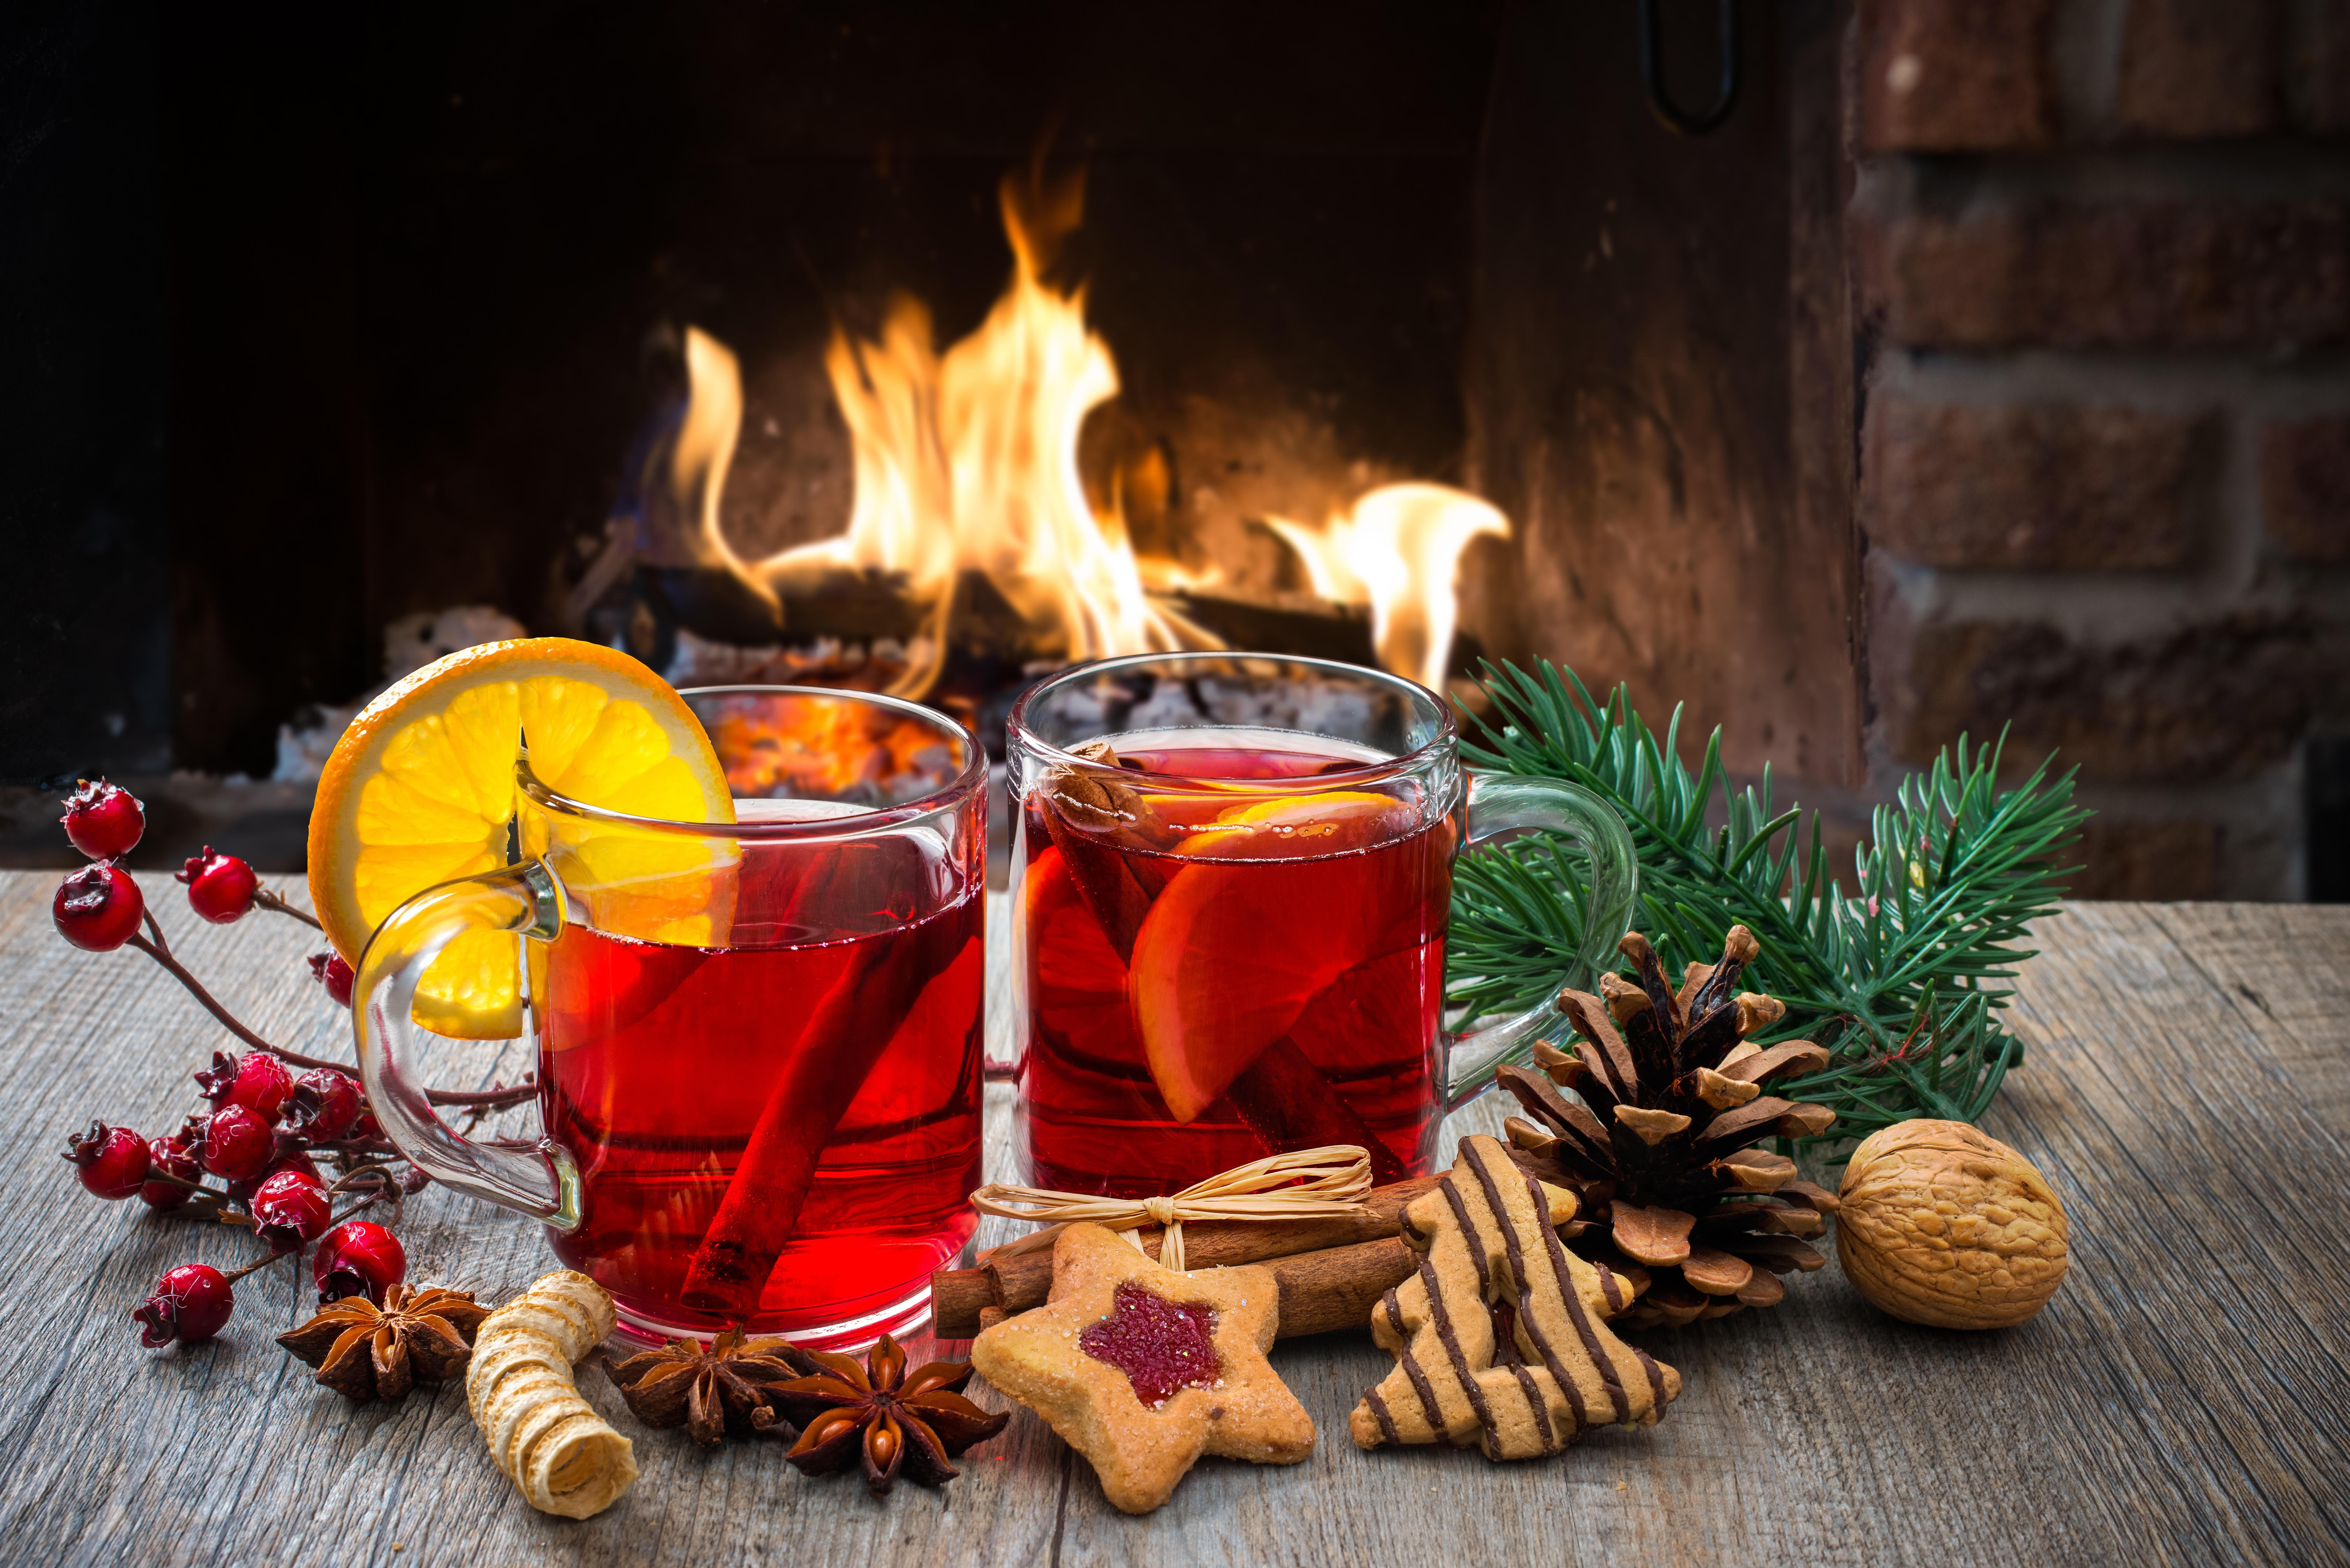 Фото на тему: Алкогольный новогодний глинтвейн в домашних условиях. В чем секрет вкусного напитка?